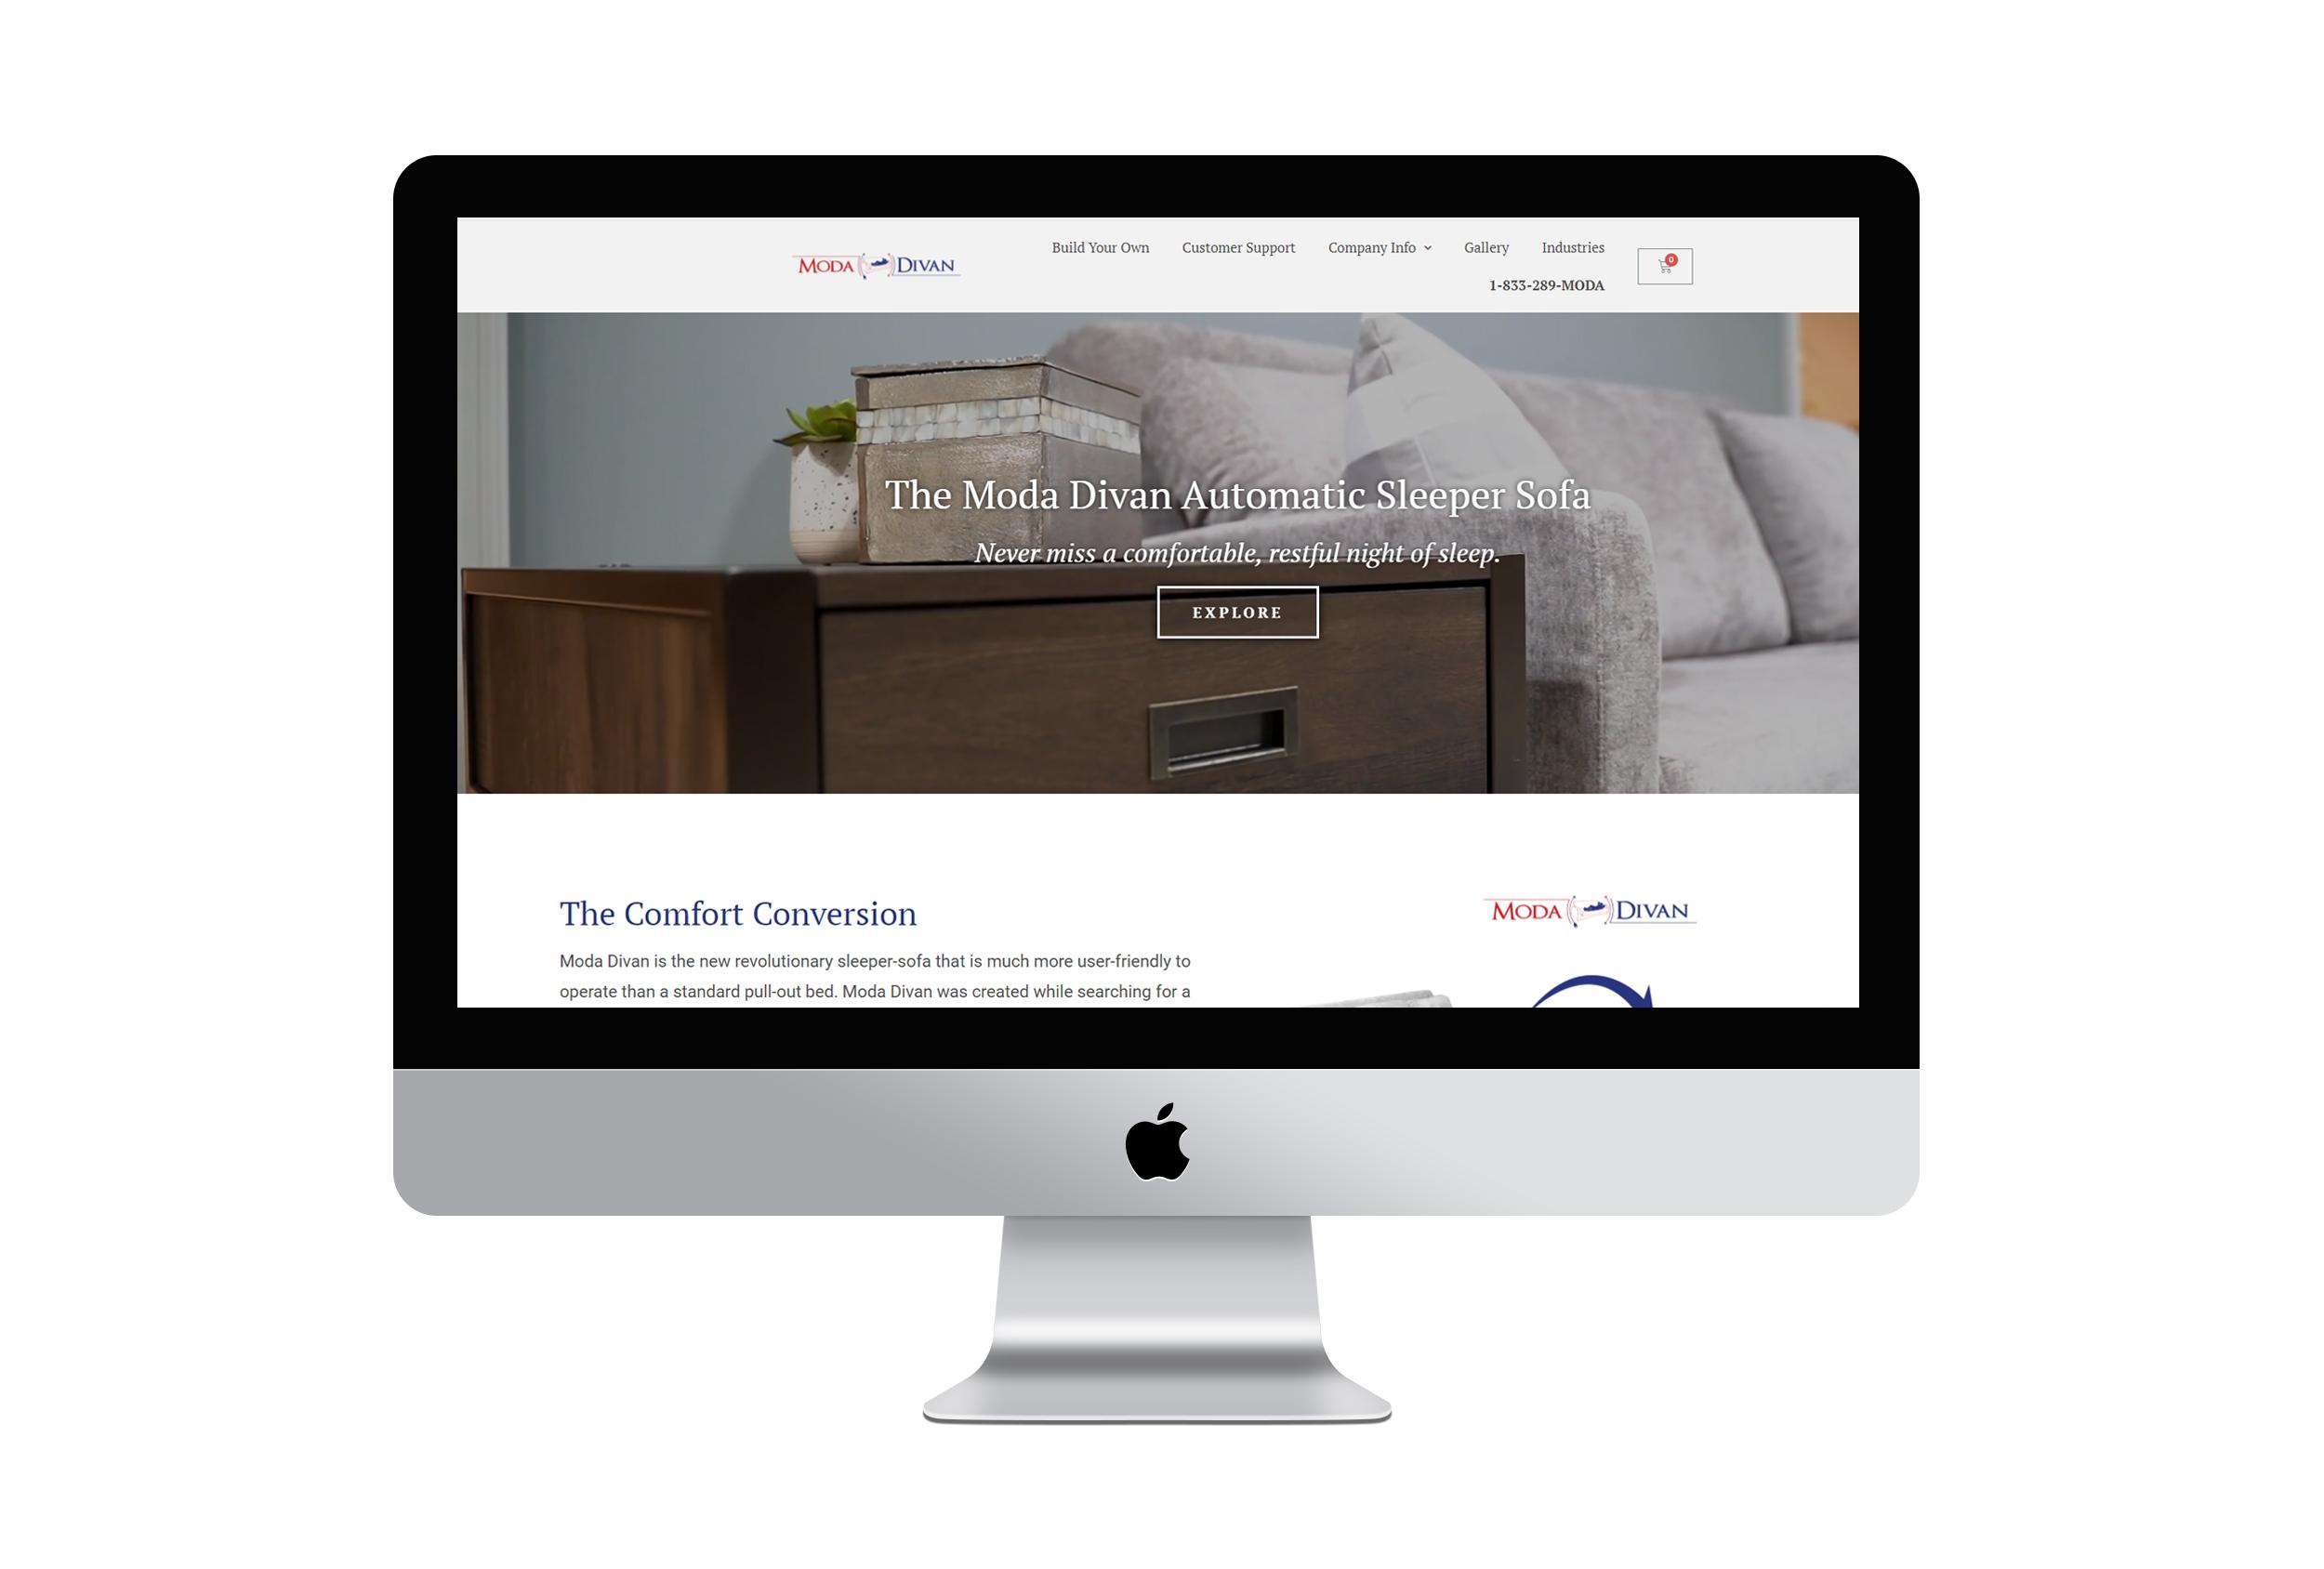 EveryDayEspo - Moda Divan Website